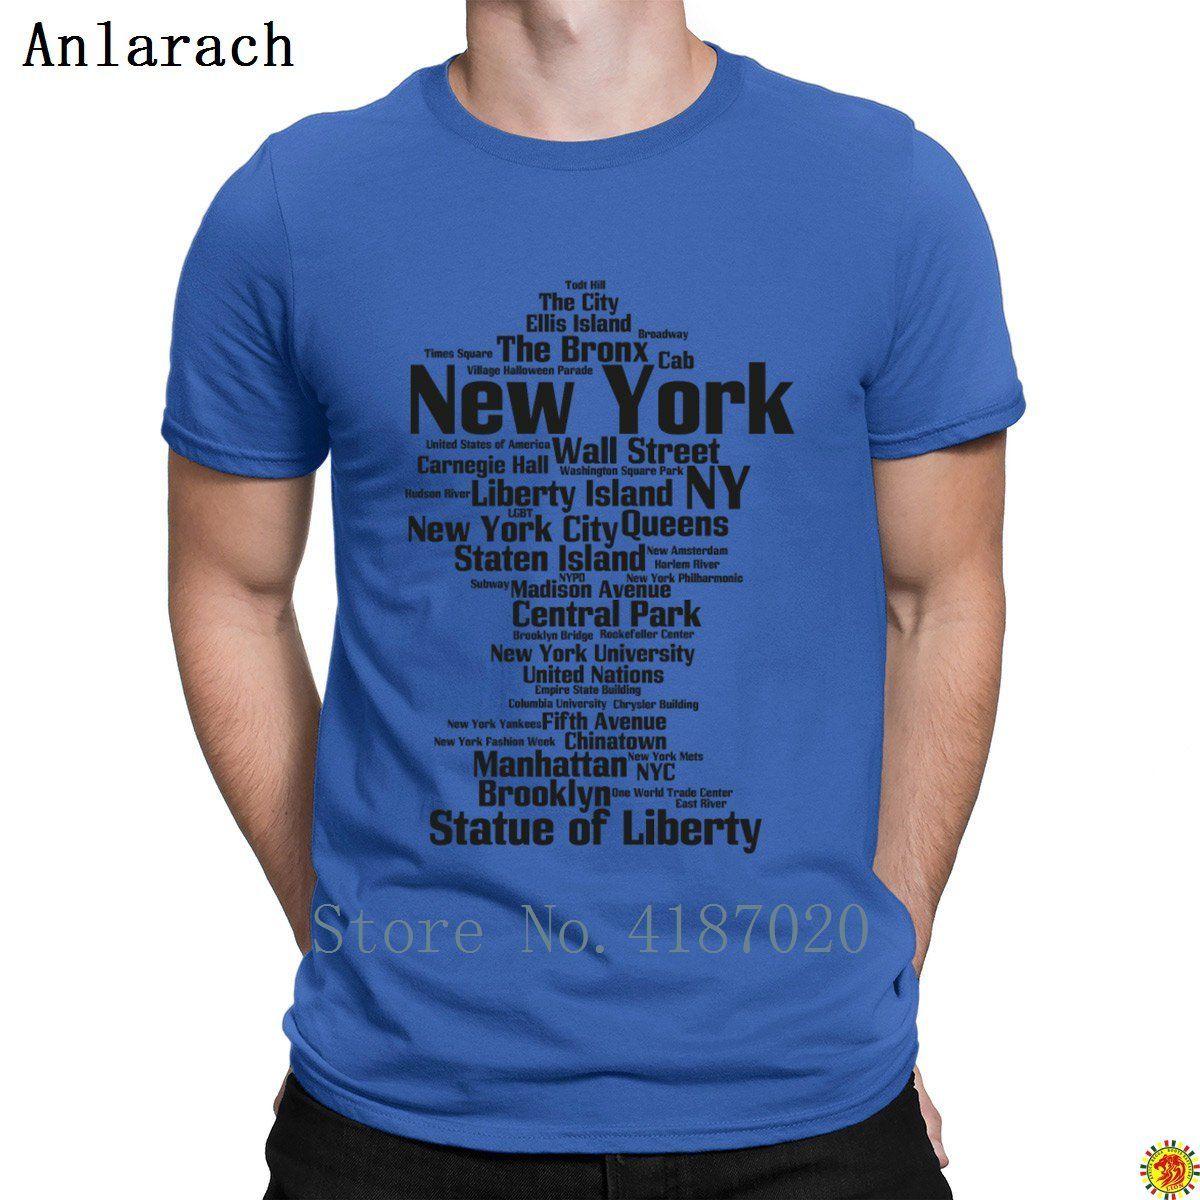 a1498a23e47ac Acheter New York Ny Nyc Tshirts Classique Crazy Top Tee Printemps Automne  Tshirt Pour Hommes Ajusté 100% Coton Tendance Anlarach Design De  16.15 Du  ...